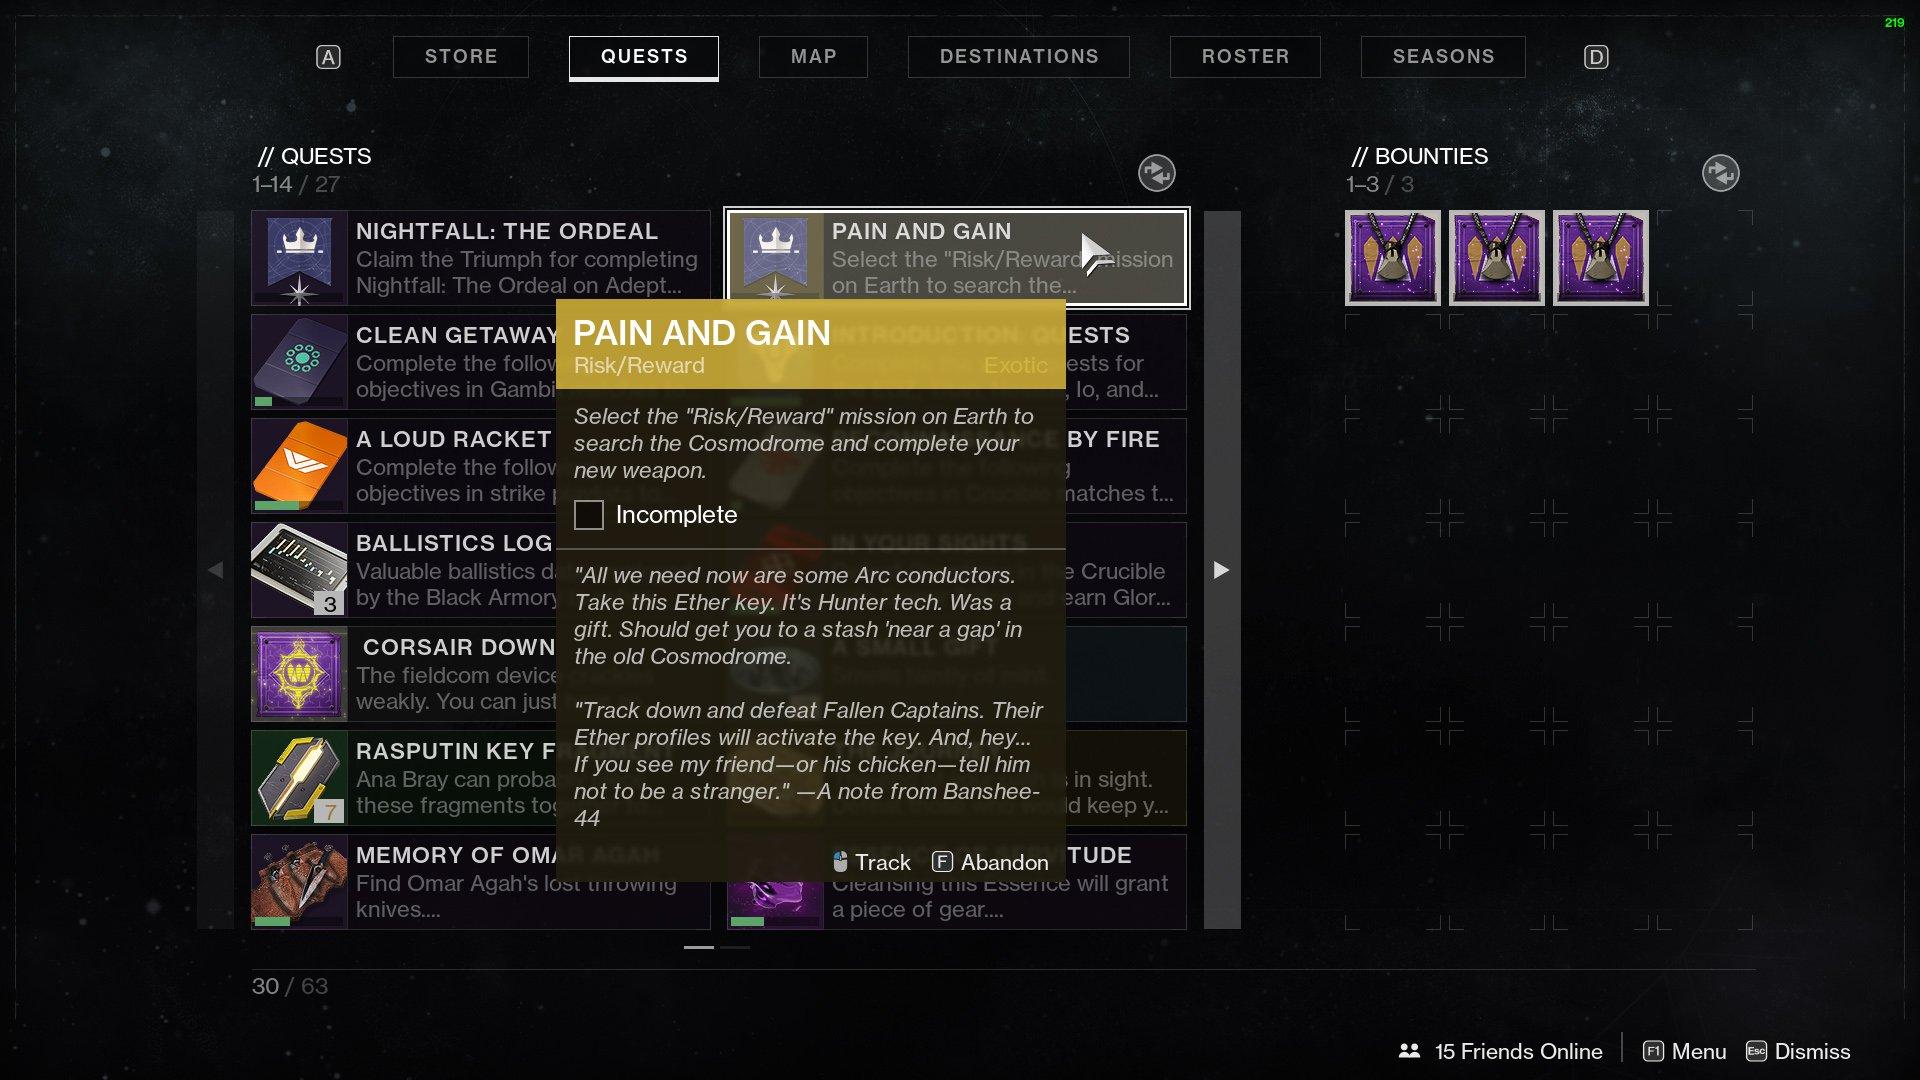 Destiny 2 Pain and Gain Quest